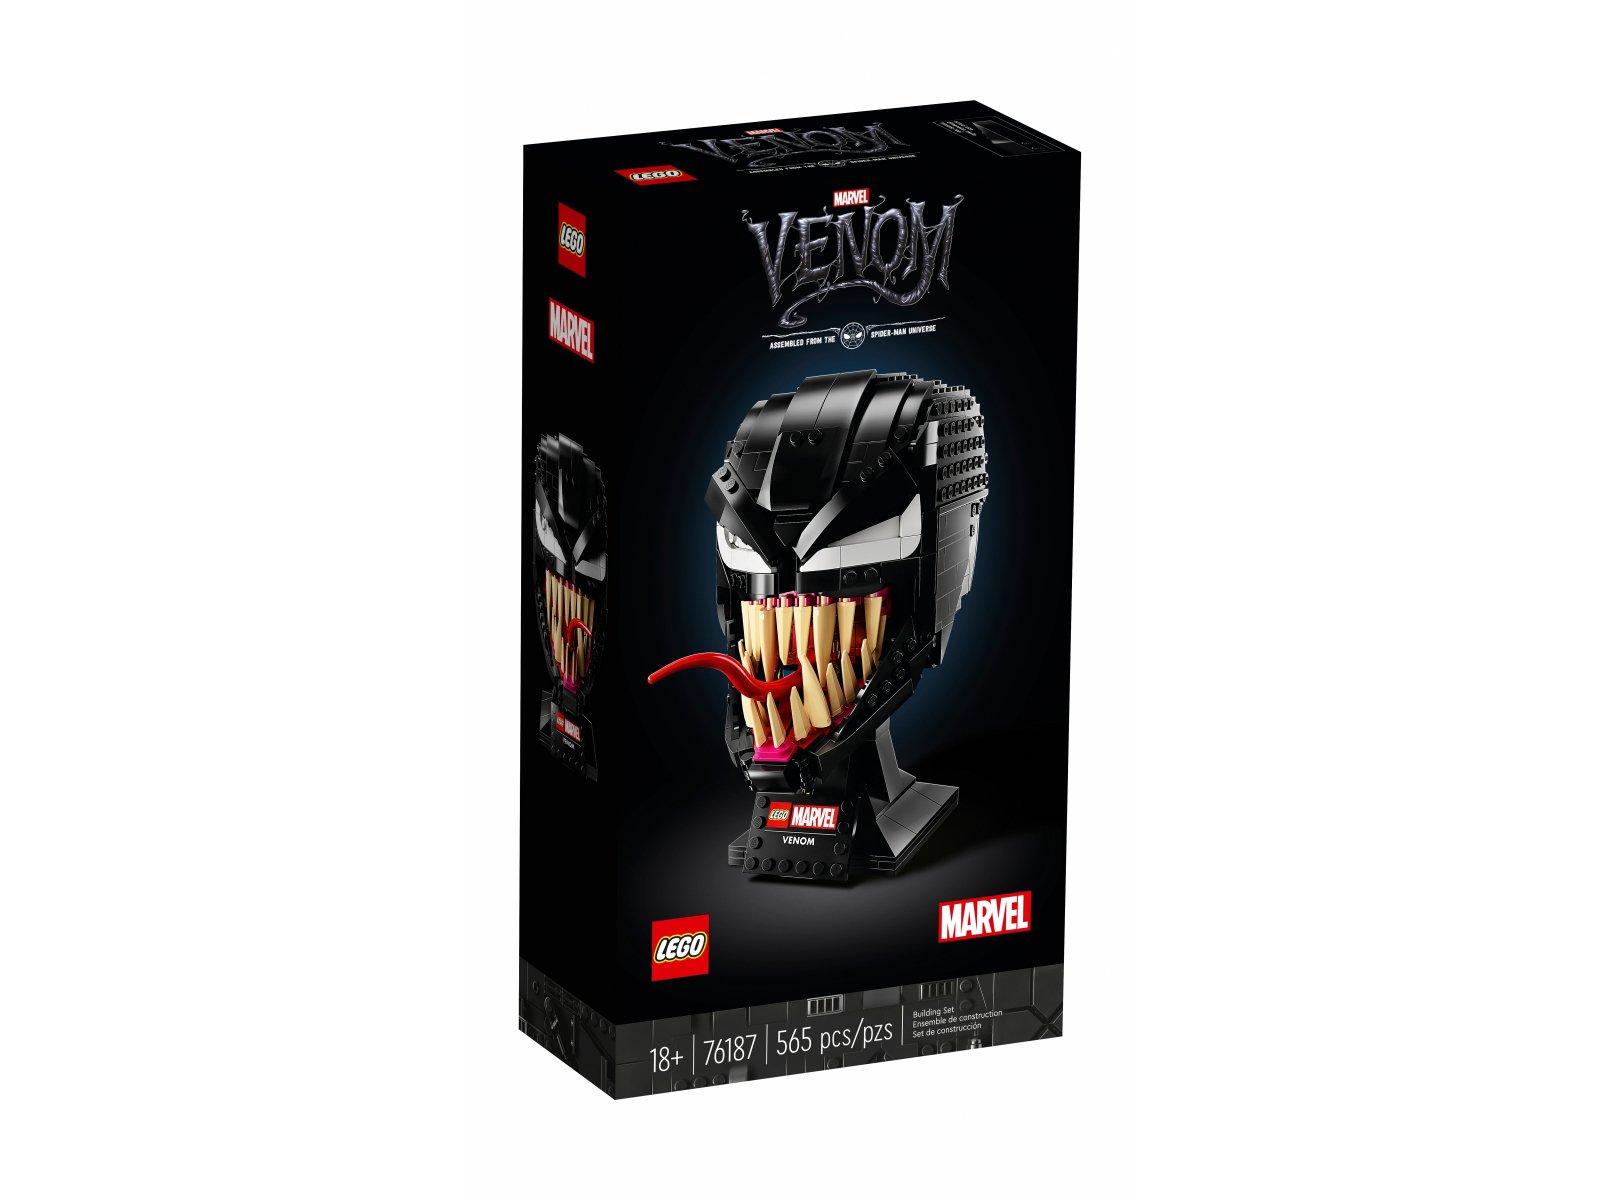 LEGO 76187 Marvel Venom